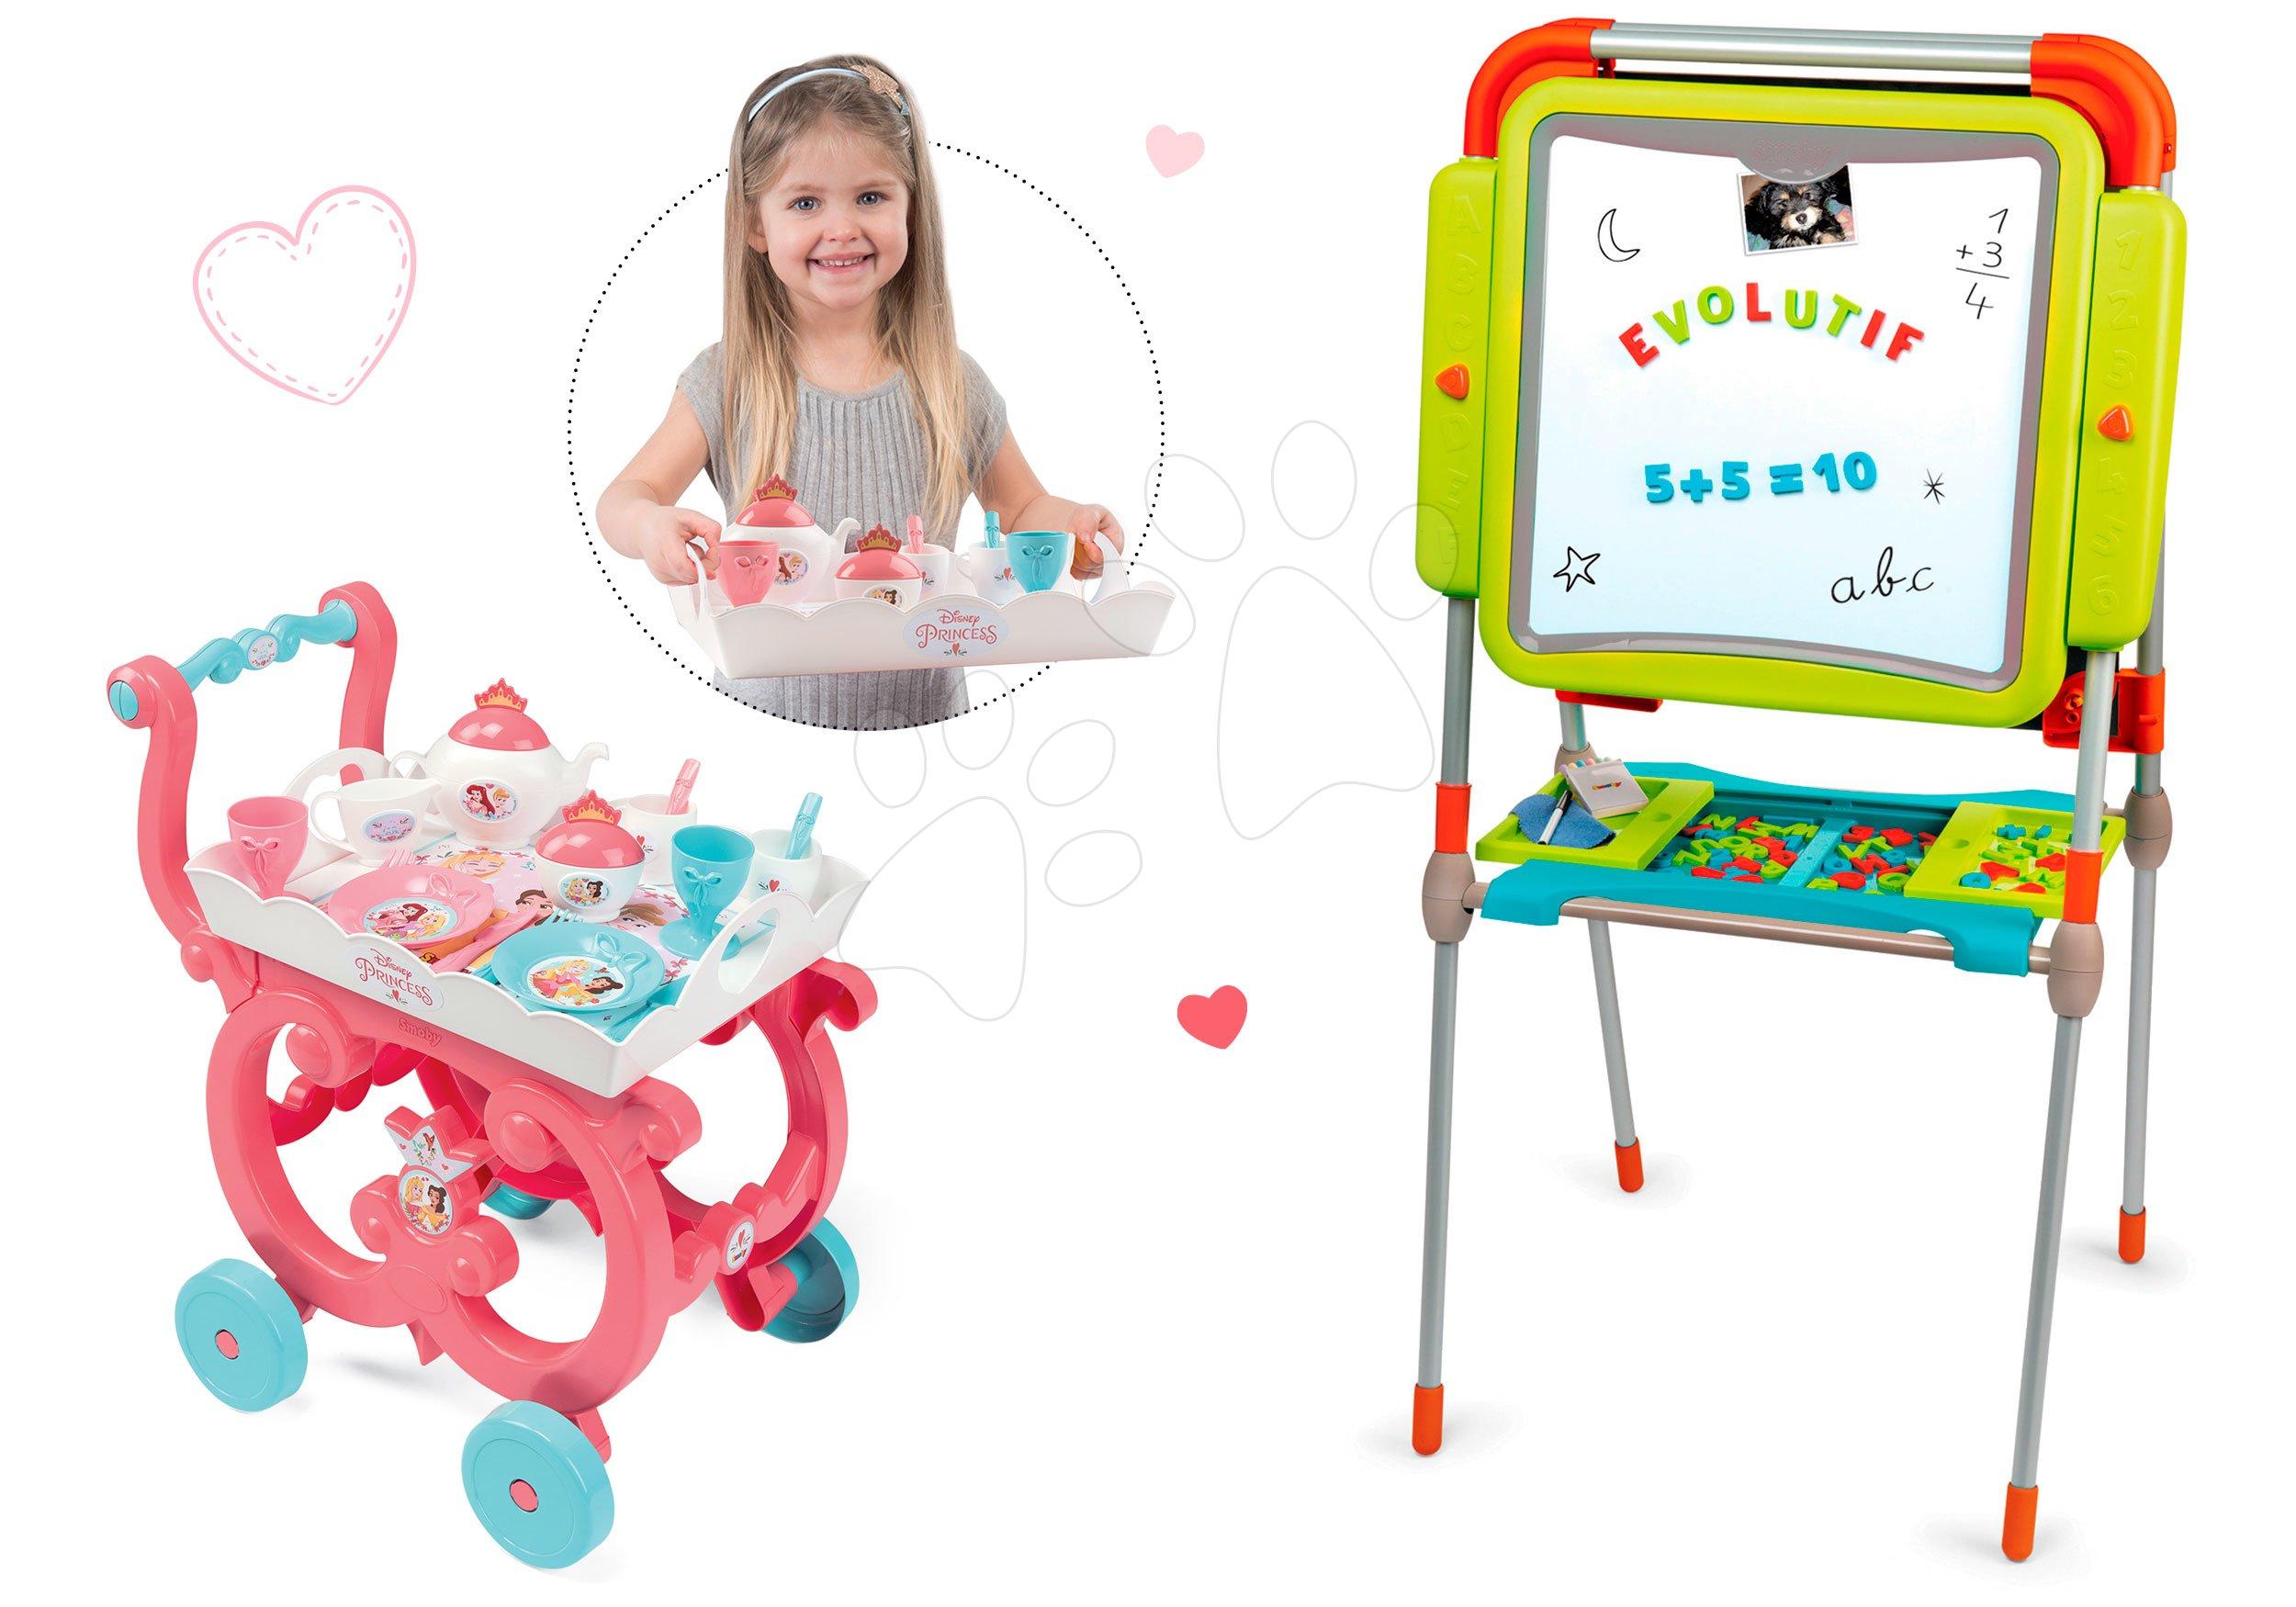 Tabule a lavice sety - Školská magnetická tabuľa Smoby obojstranná s 80 doplnkami a servírovací vozík Princezné